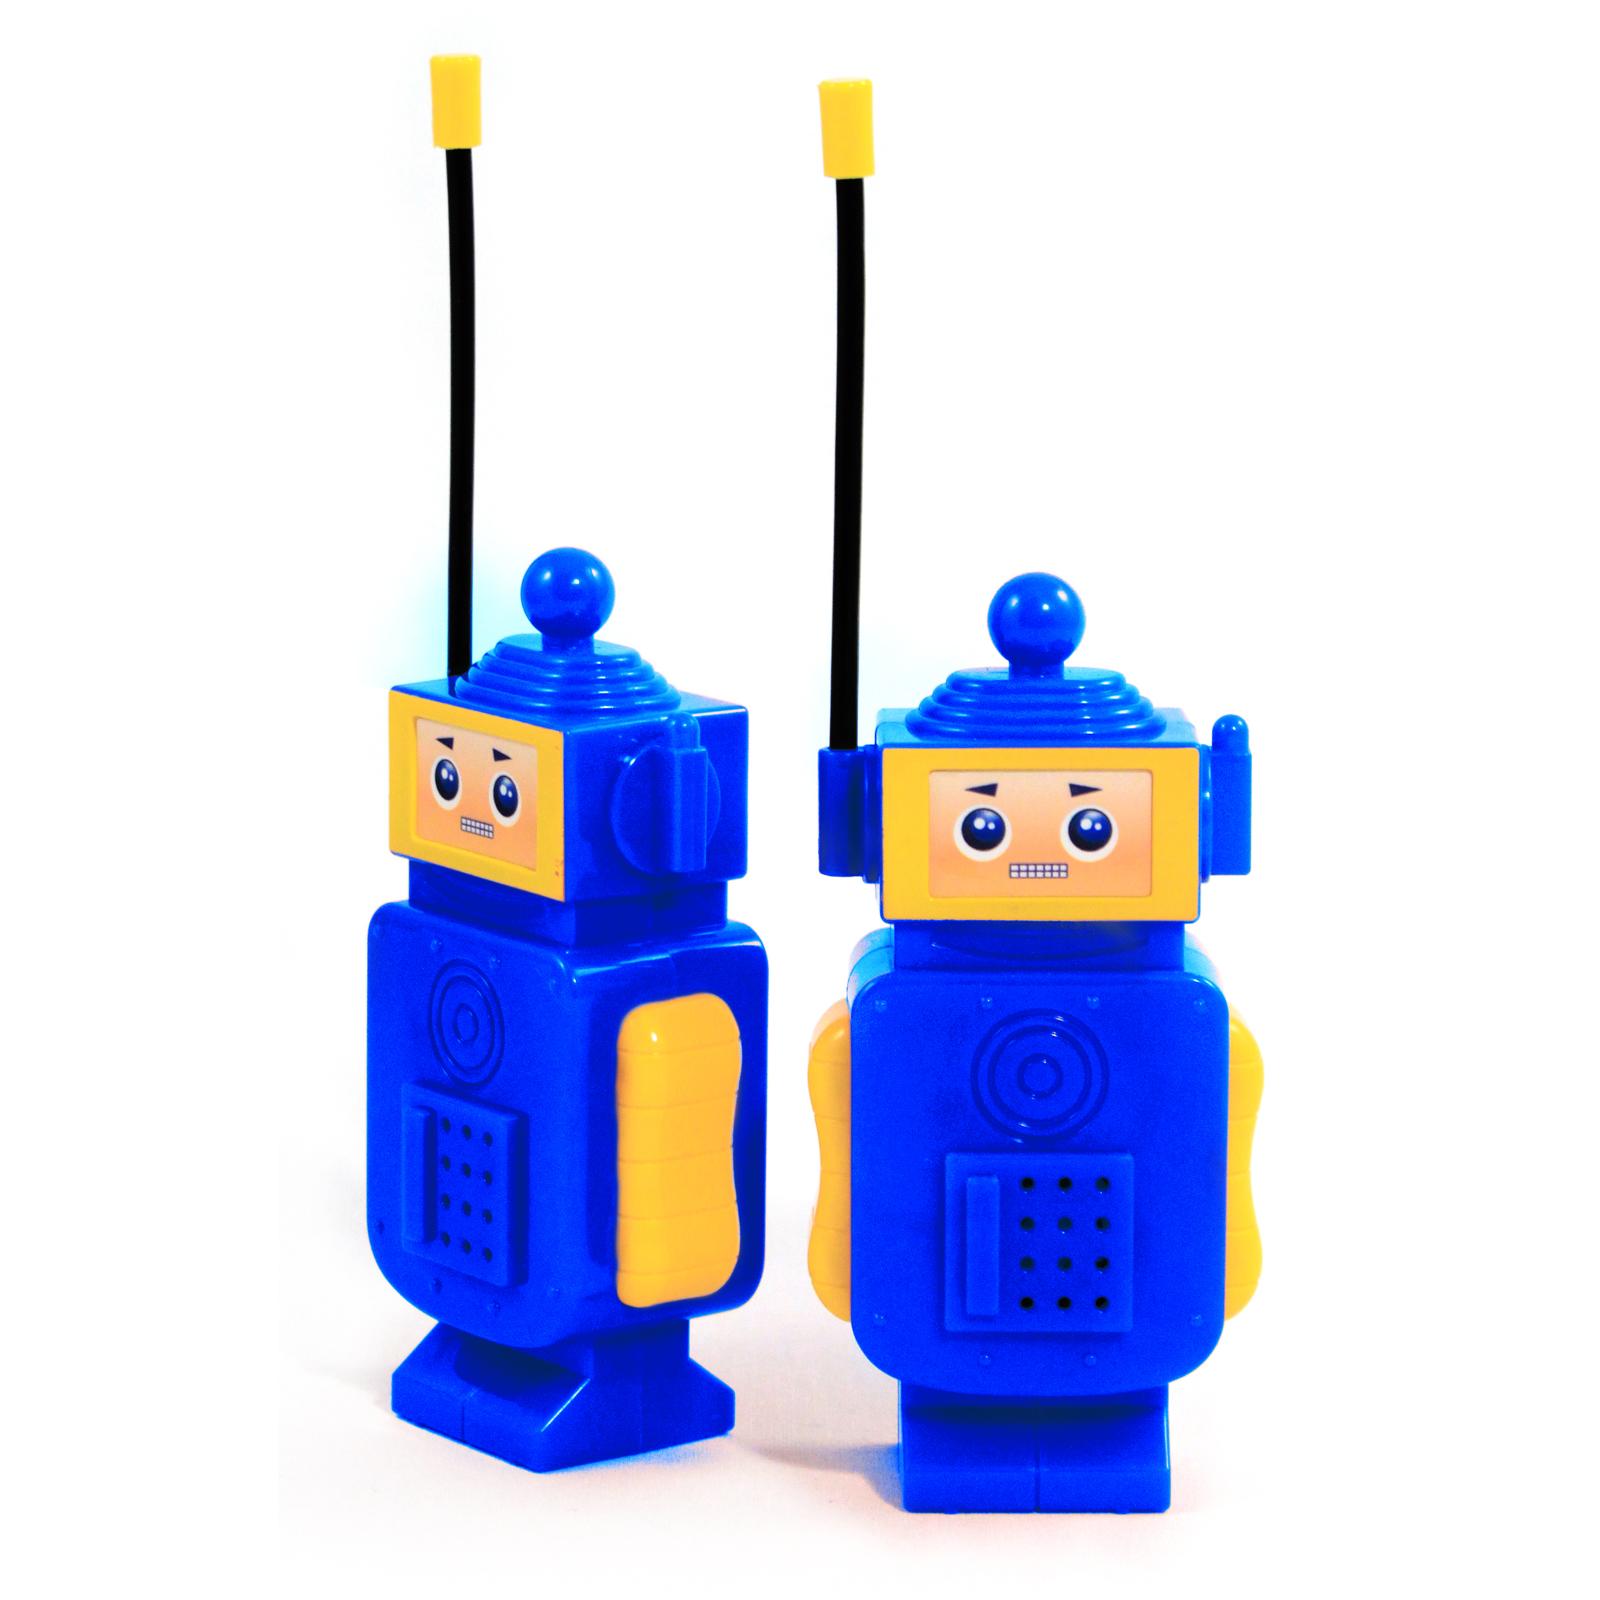 Kids Robot Walkie Talkie Handheld Portable Electronic Two-Way Radio Toy Blue